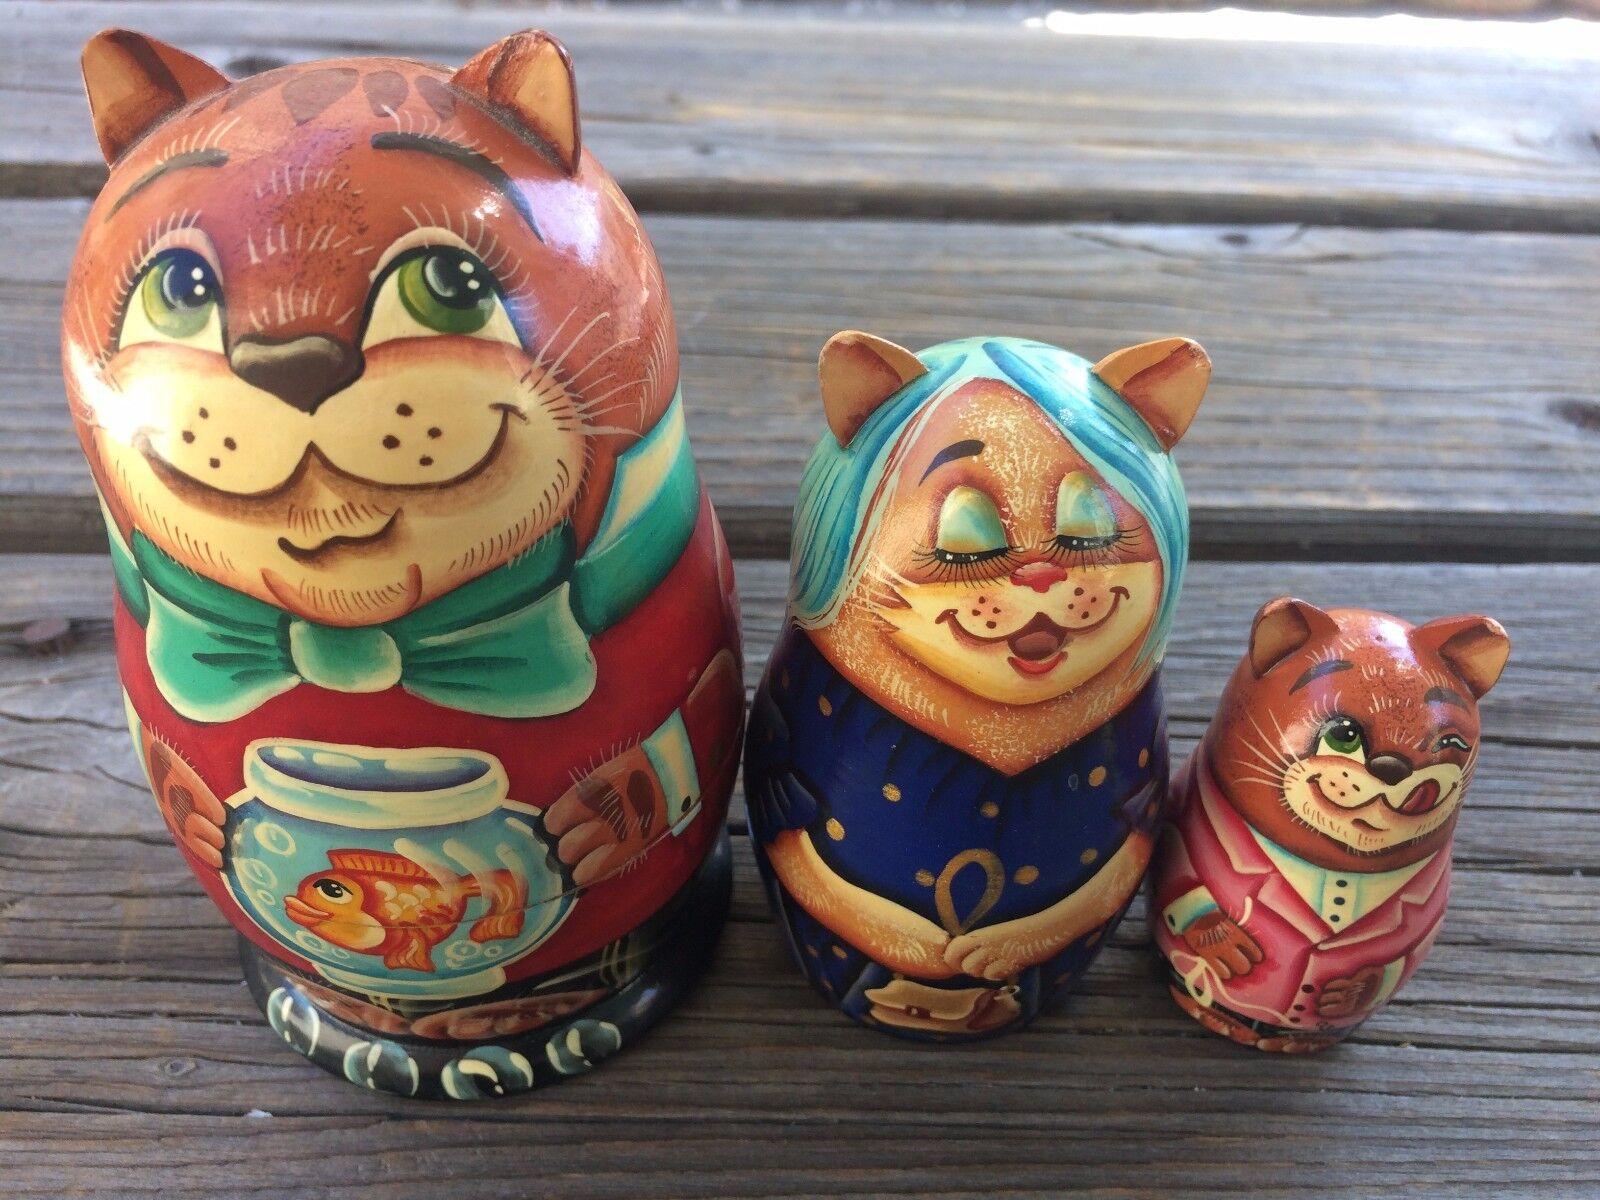 Russian matryoshka bambola nesting baautoautobushka  Cats Family hefatto OOAK SIGNED ARTIST  100% nuovo di zecca con qualità originale